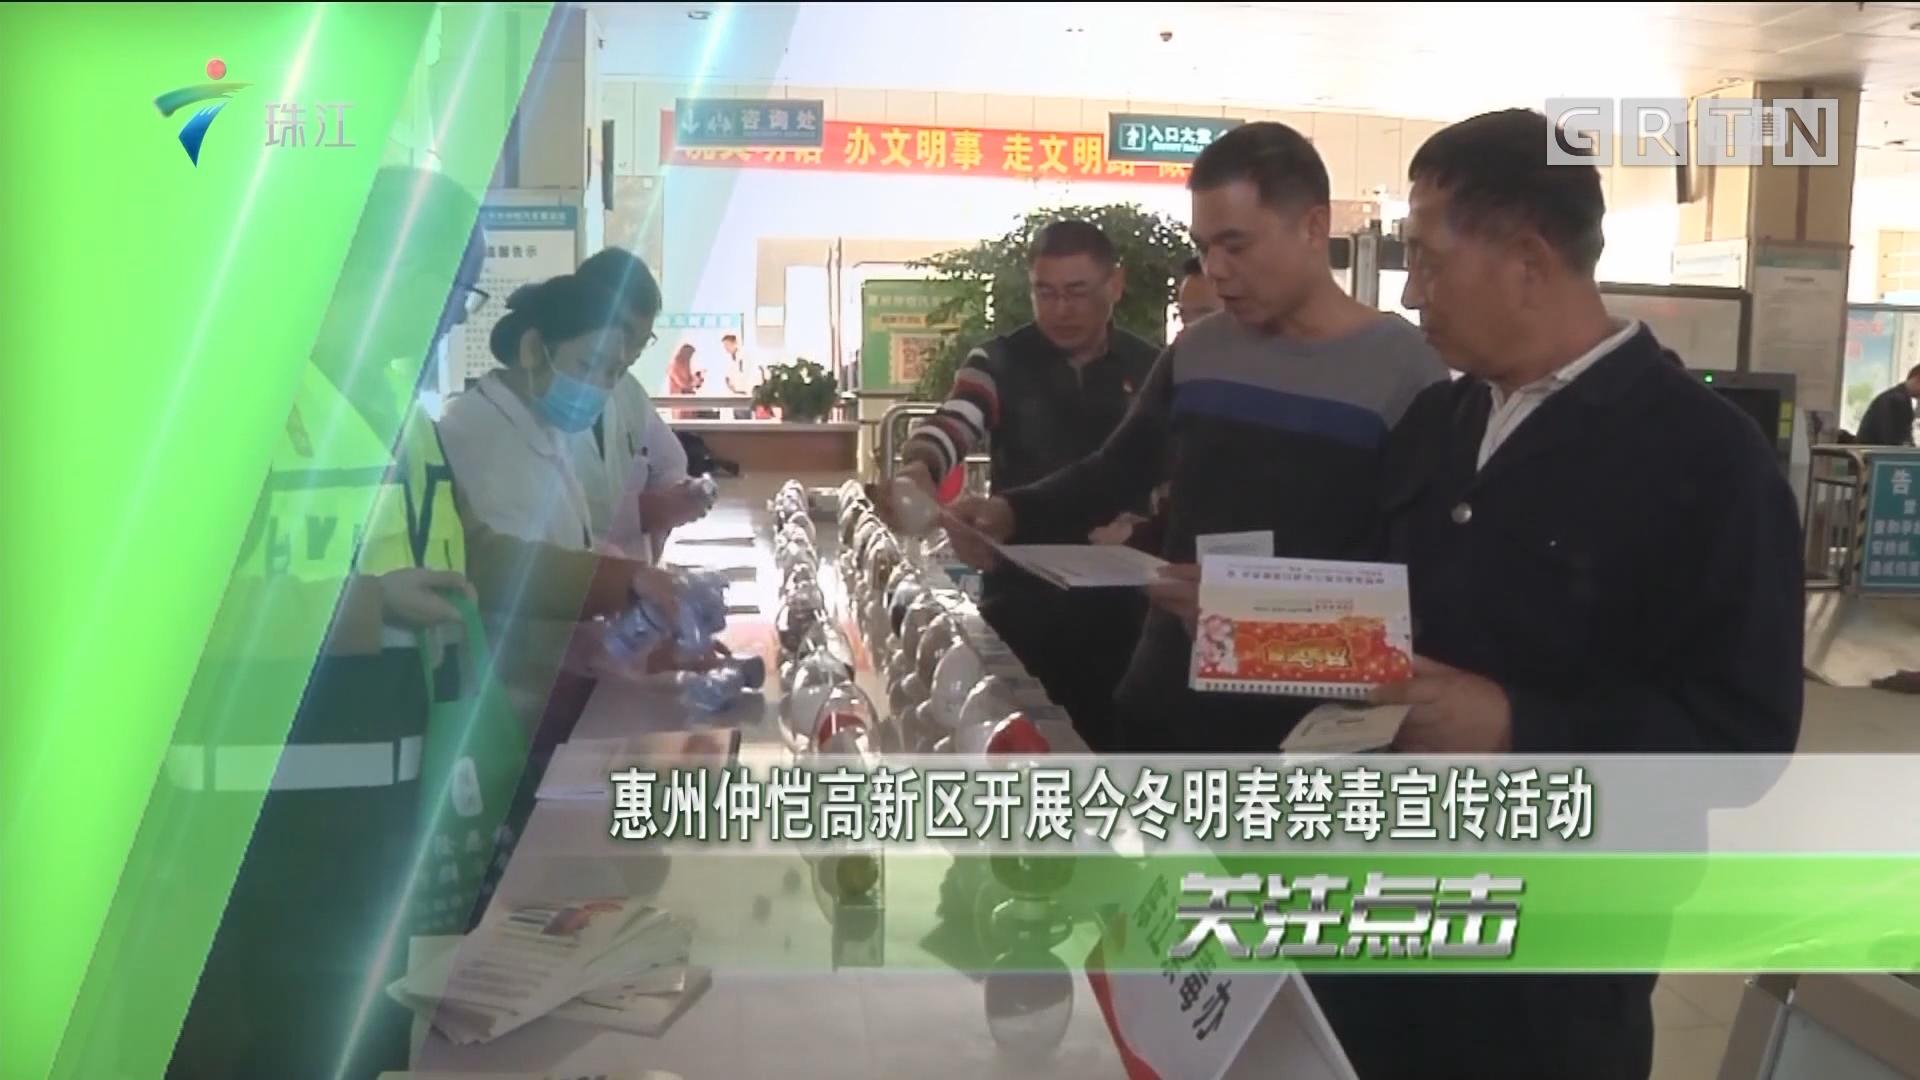 惠州仲恺高新区开展今冬明春禁毒宣传活动